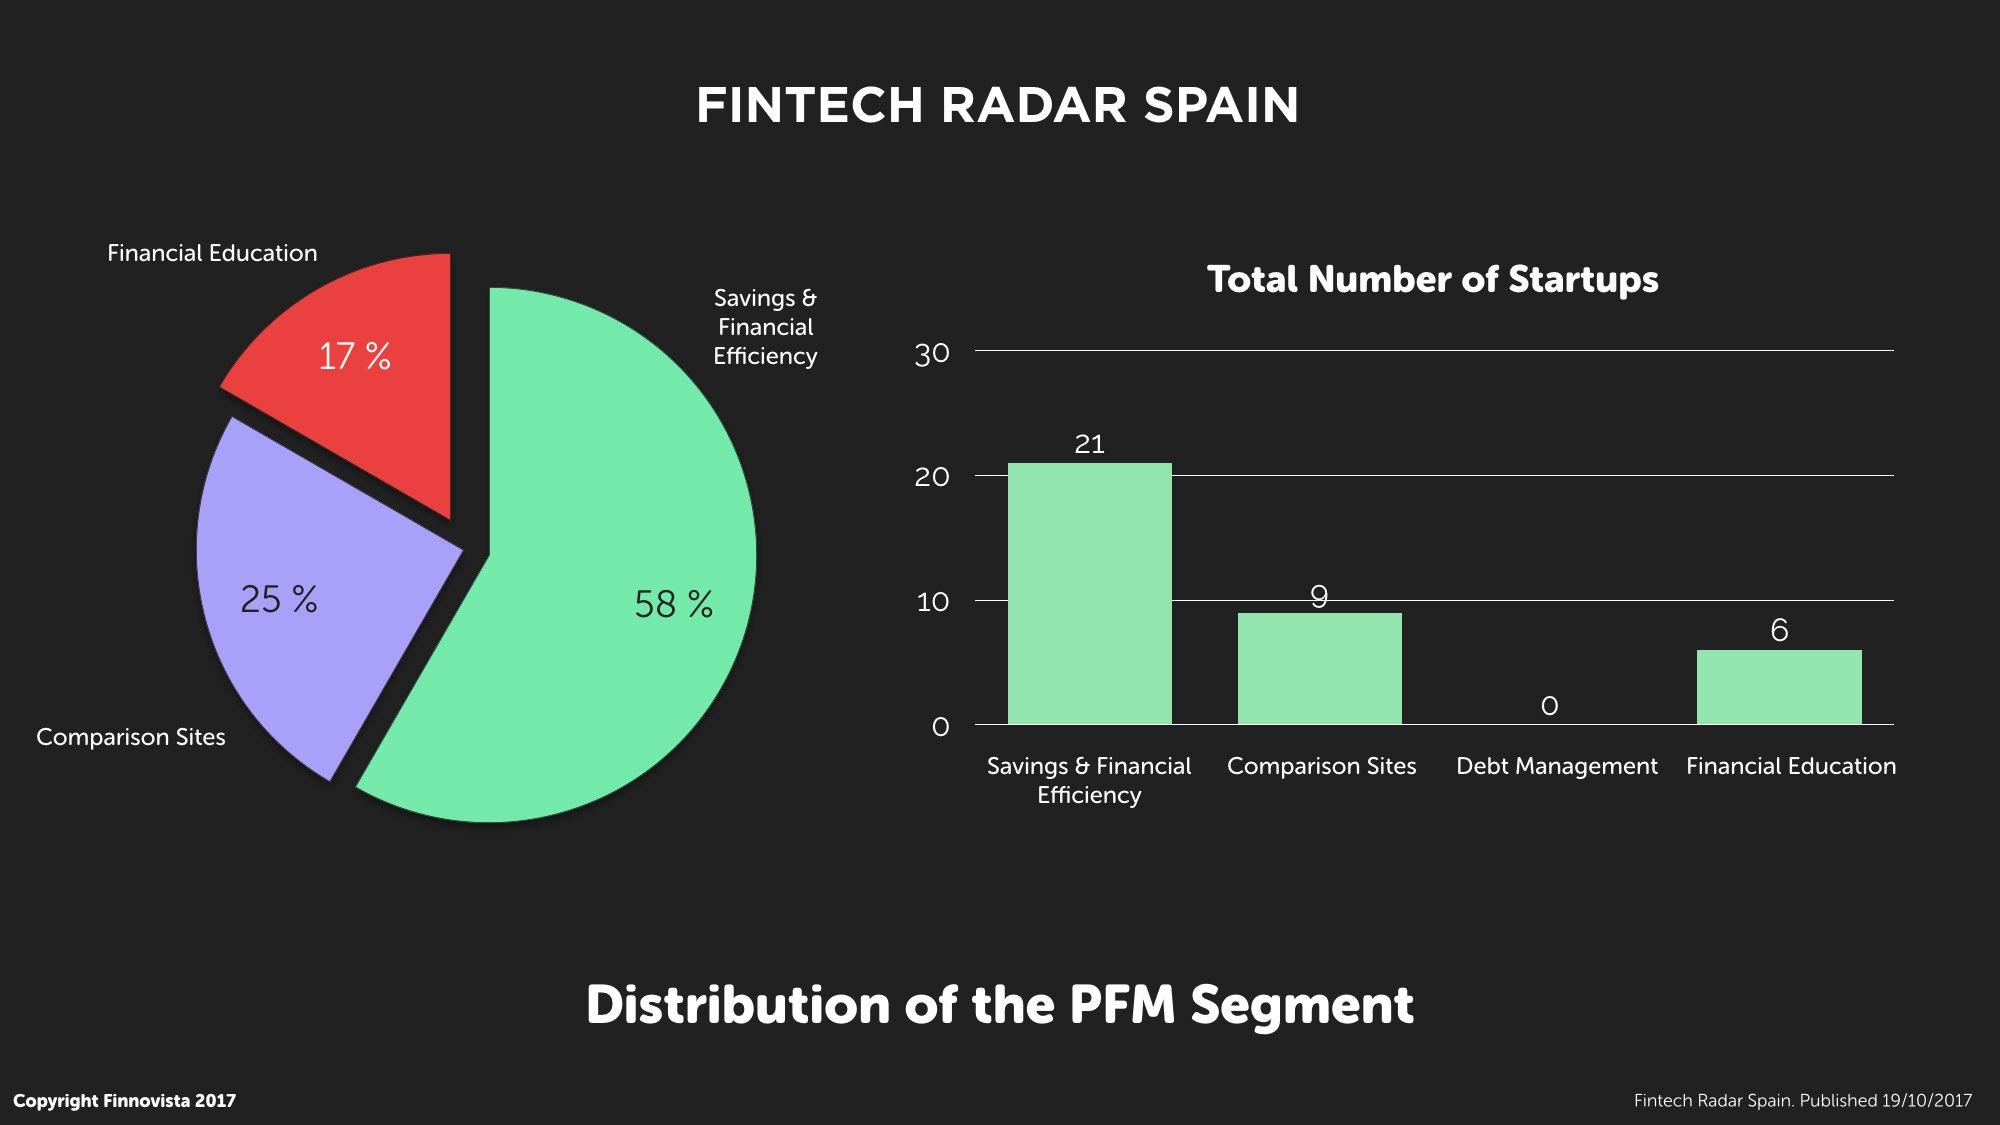 5-Fintech-Radar-Spain.003-1